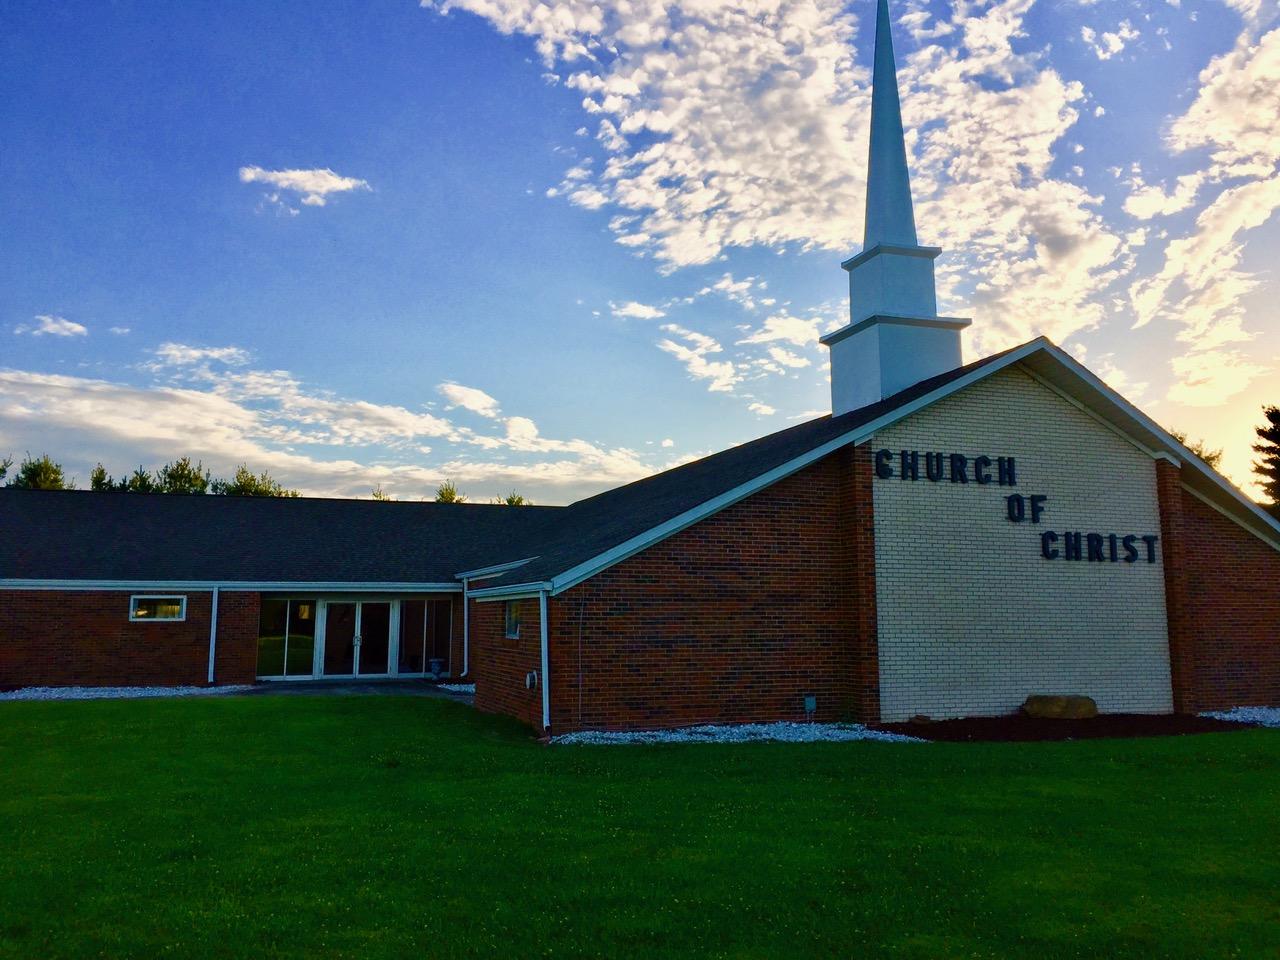 Jerseyville Church of Christ